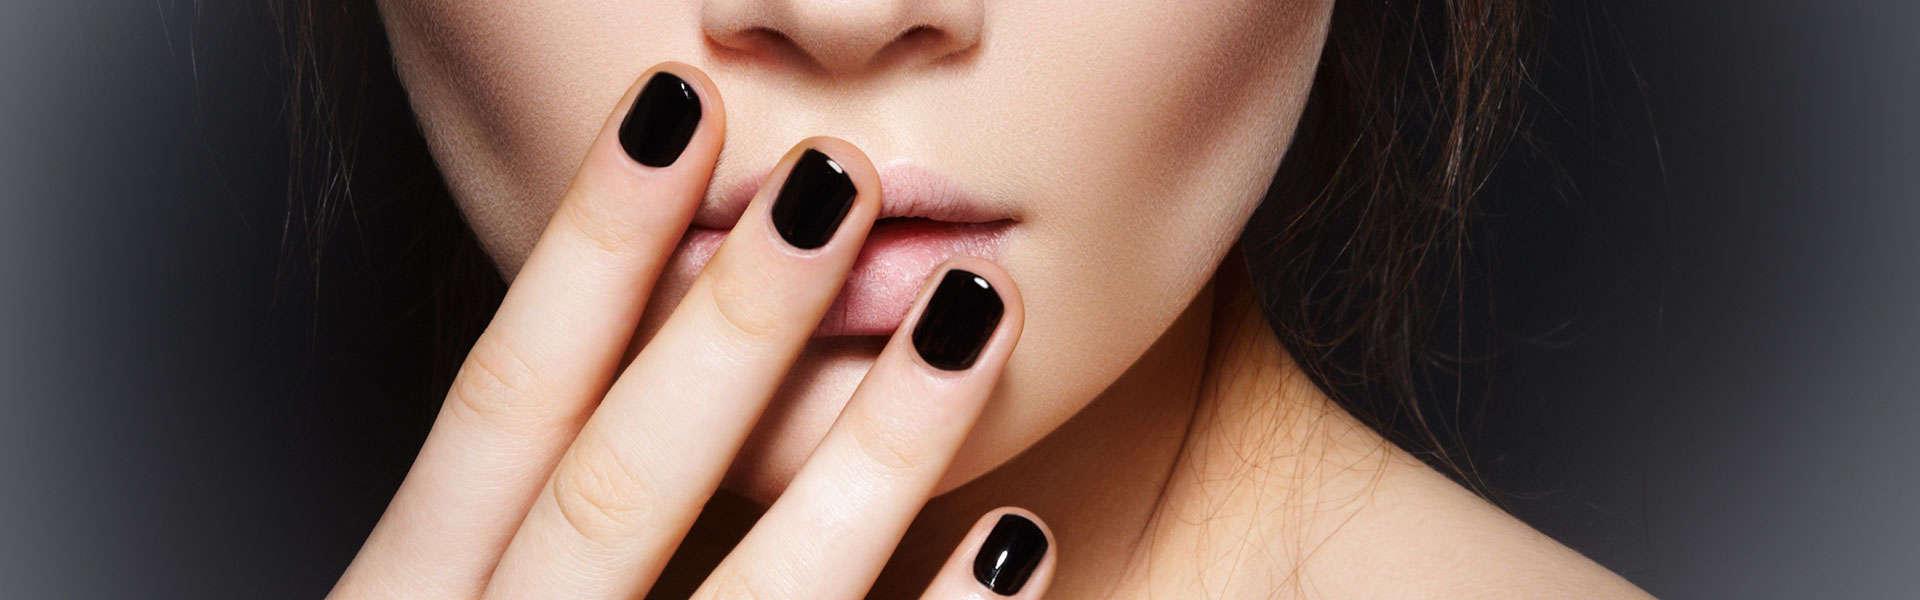 Best Nail Polish 2019 – Buyer's Guide and Nail Polish Reviews